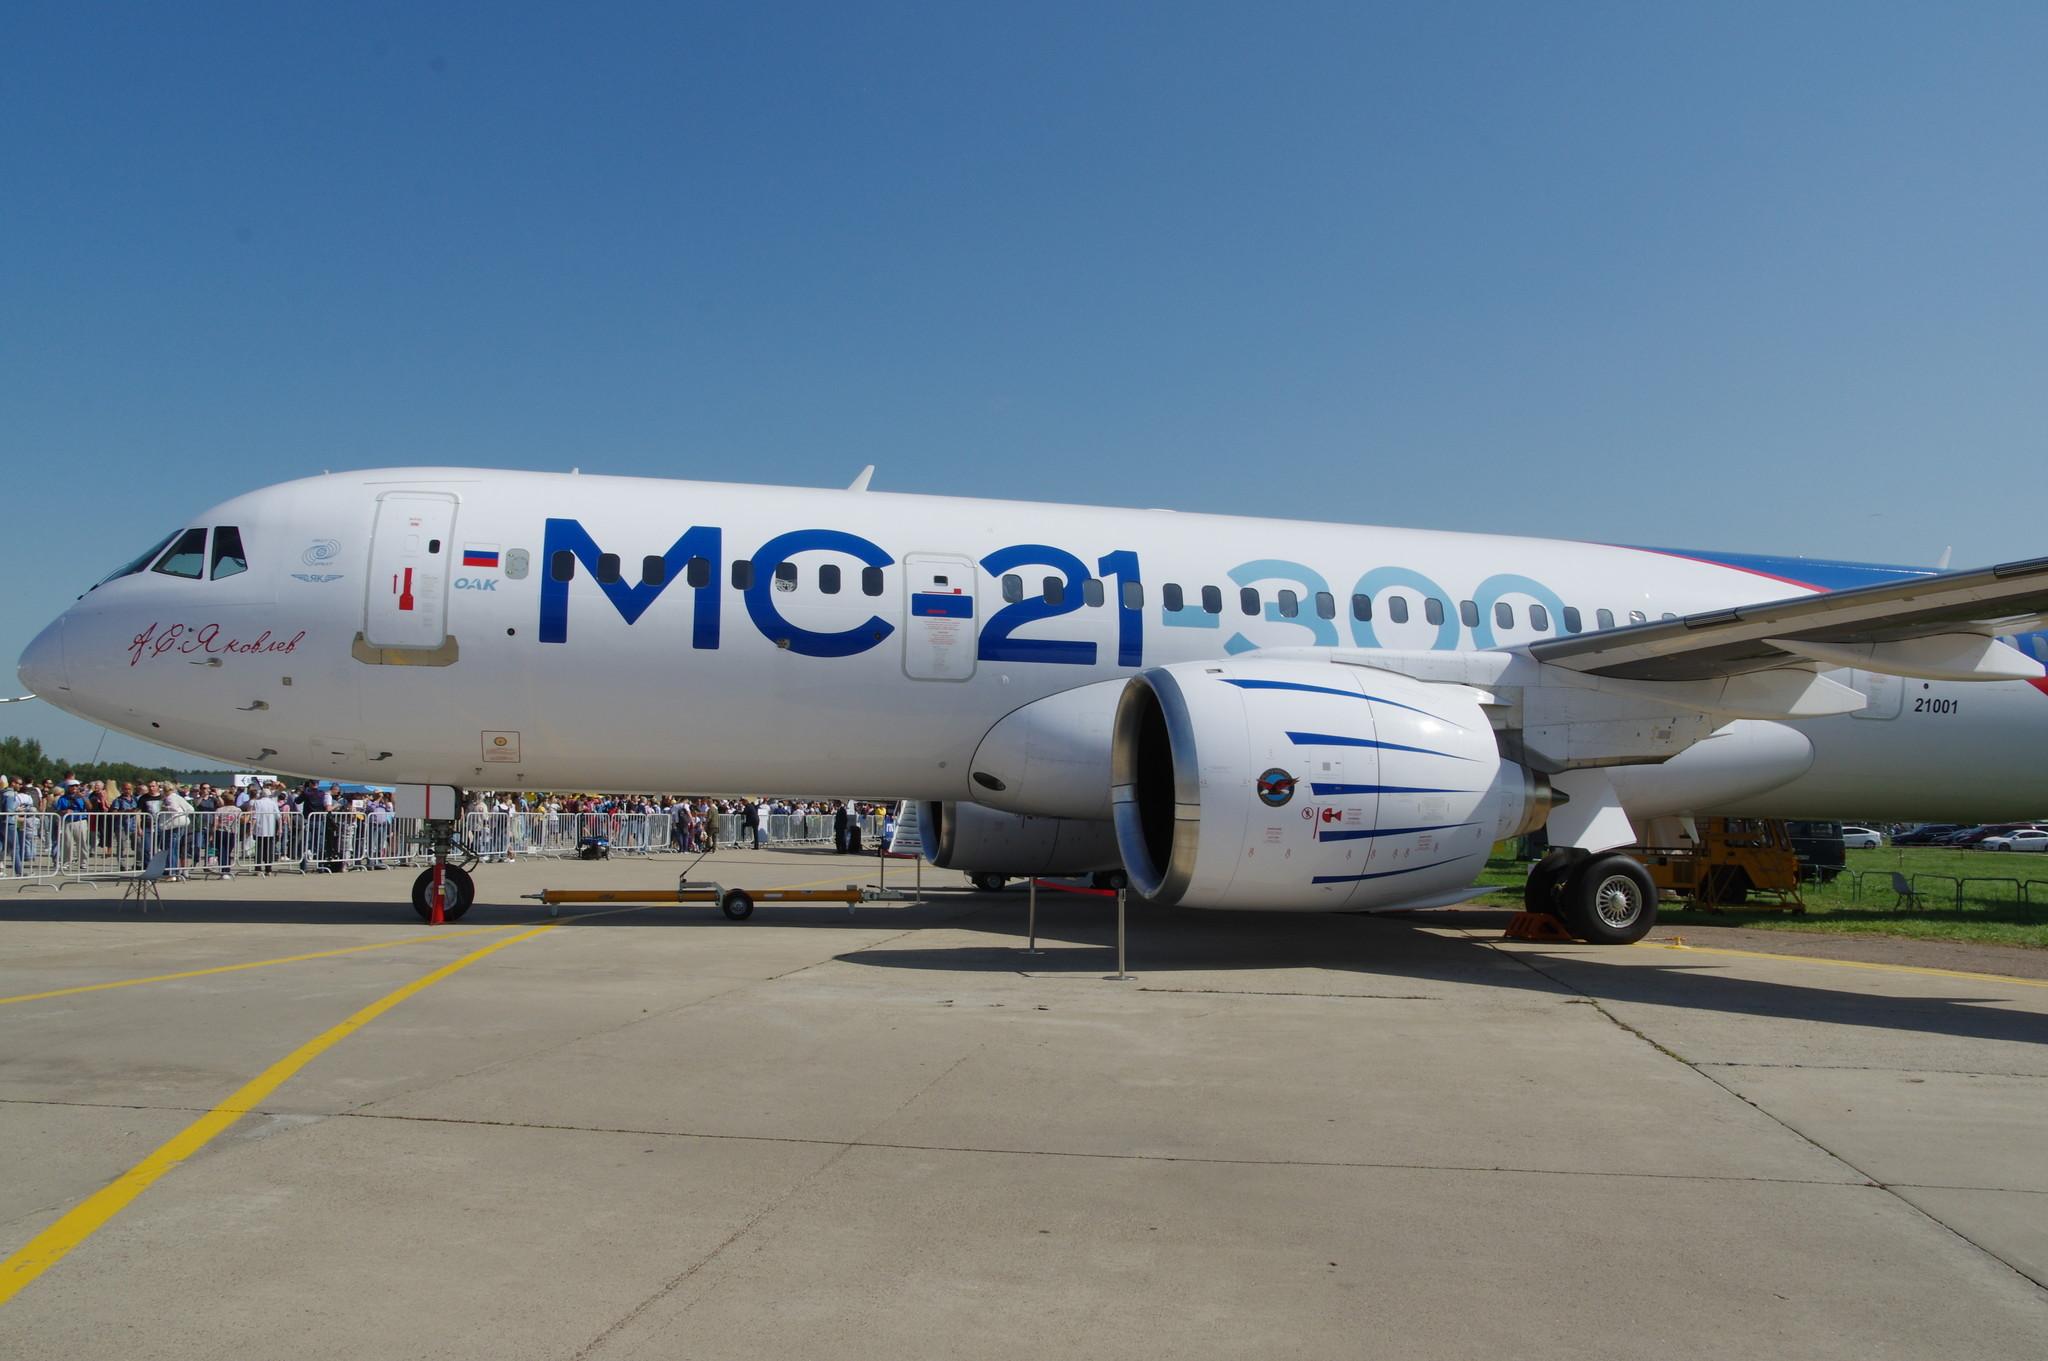 Среднемагистральный узкофюзеляжный пассажирский самолёт МС-21